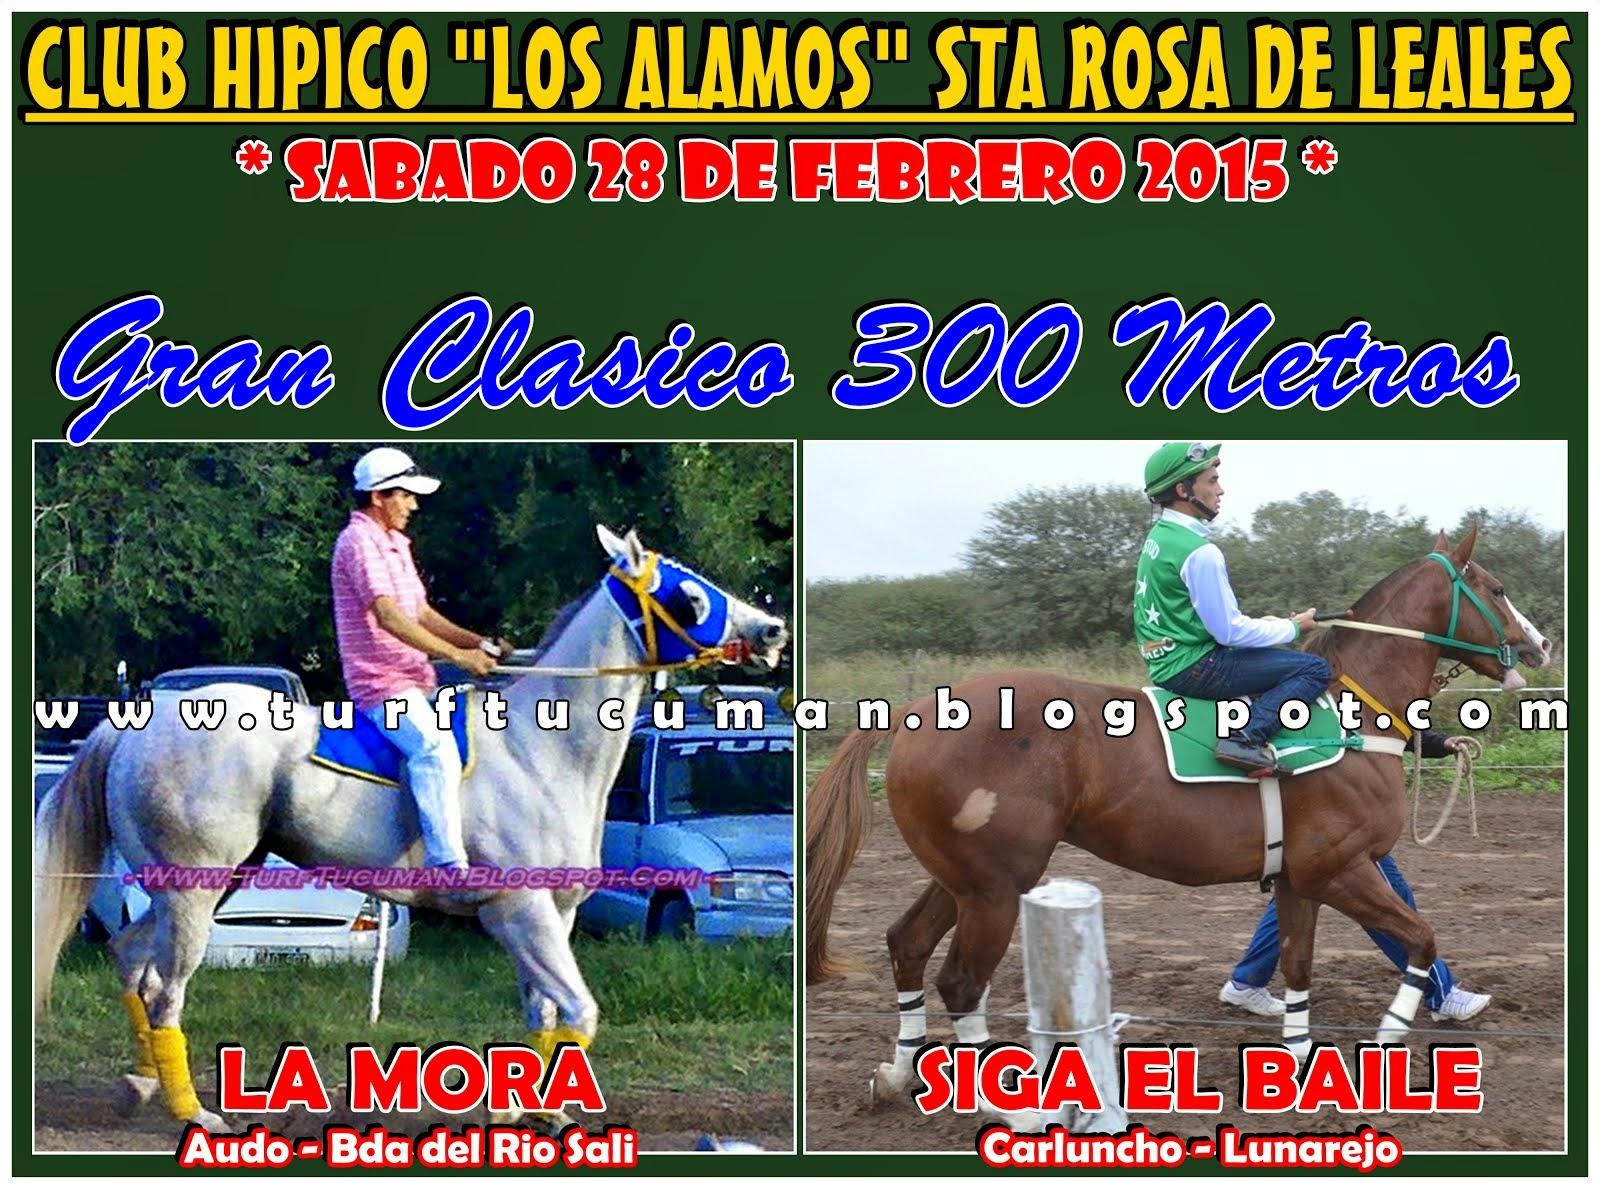 MORA VS SIGA EL BAILE